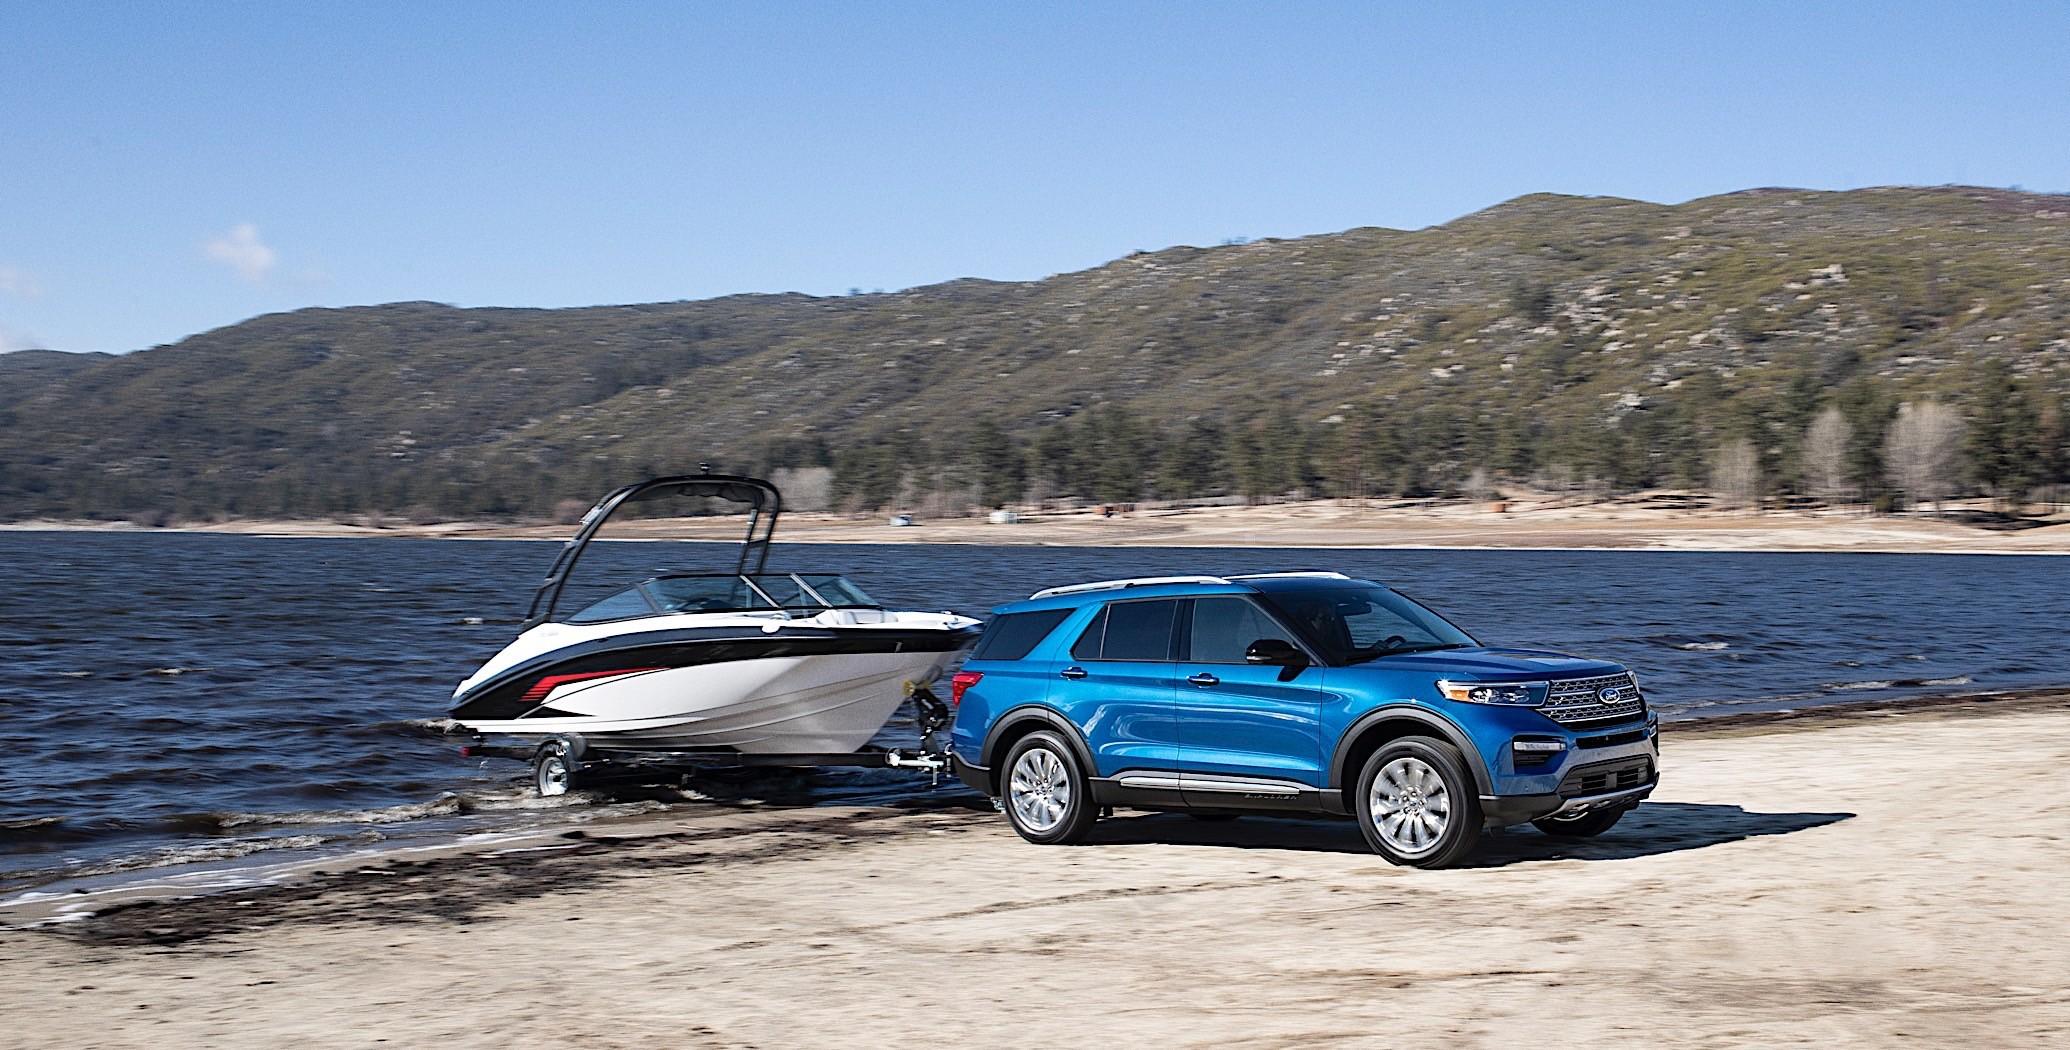 2020 Ford Explorer Hybrid Promises 500 Miles of Range - autoevolution